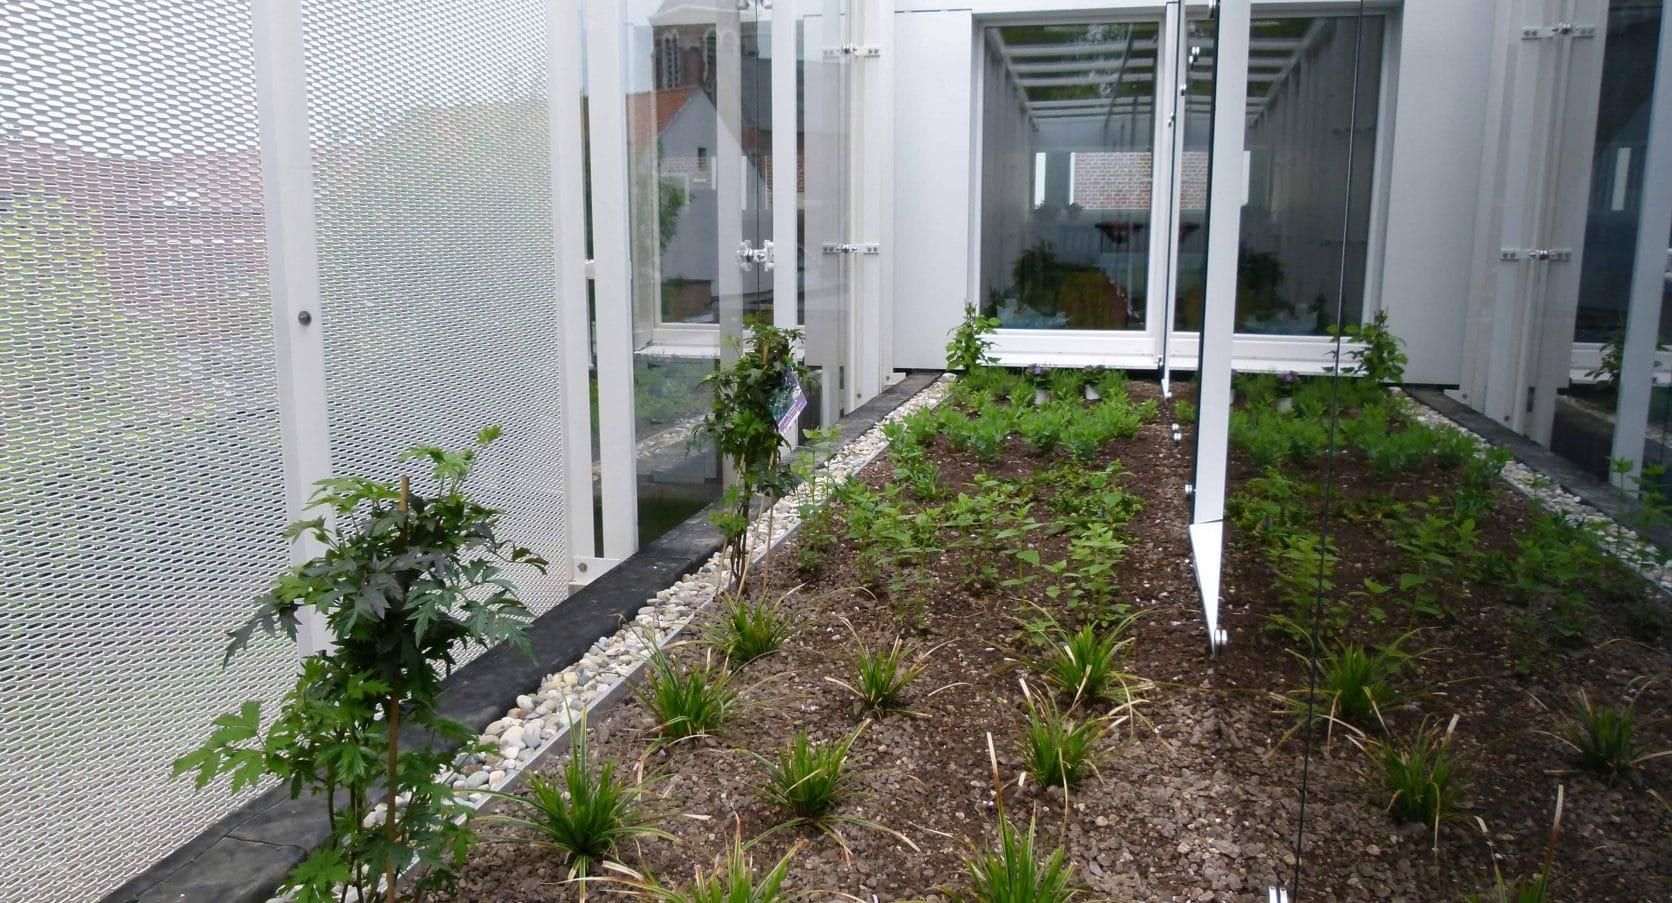 Binnentuintjes van het Sociaal Huis in Ternat dat is voorzien van strekmetalen gevelbekleding